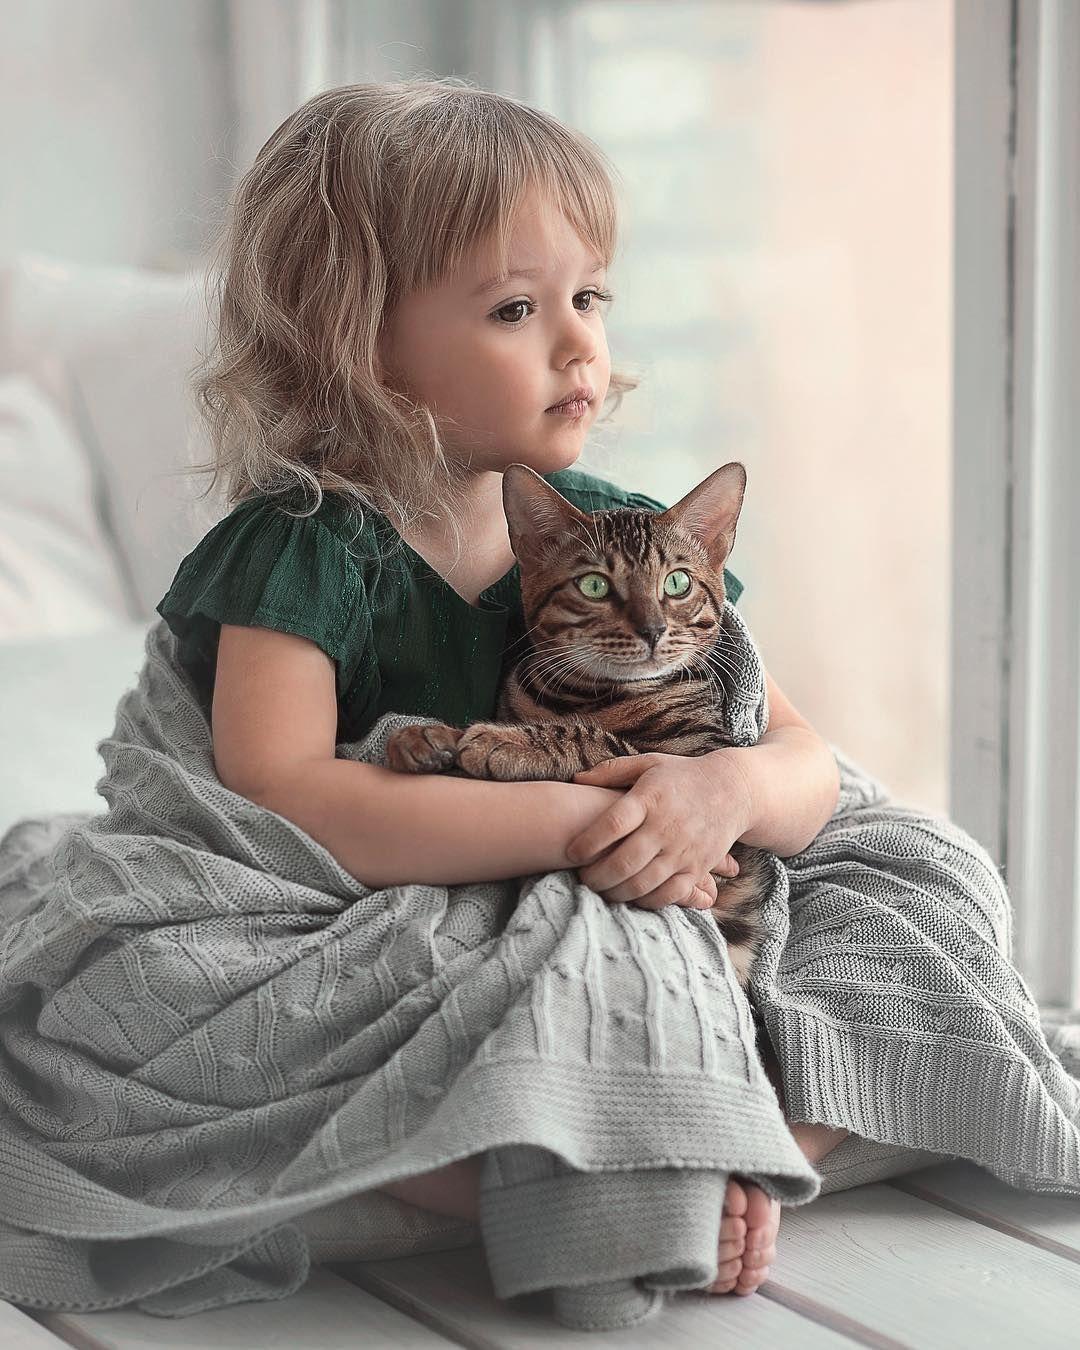 Доброе утро картинки детям с животными, память близких